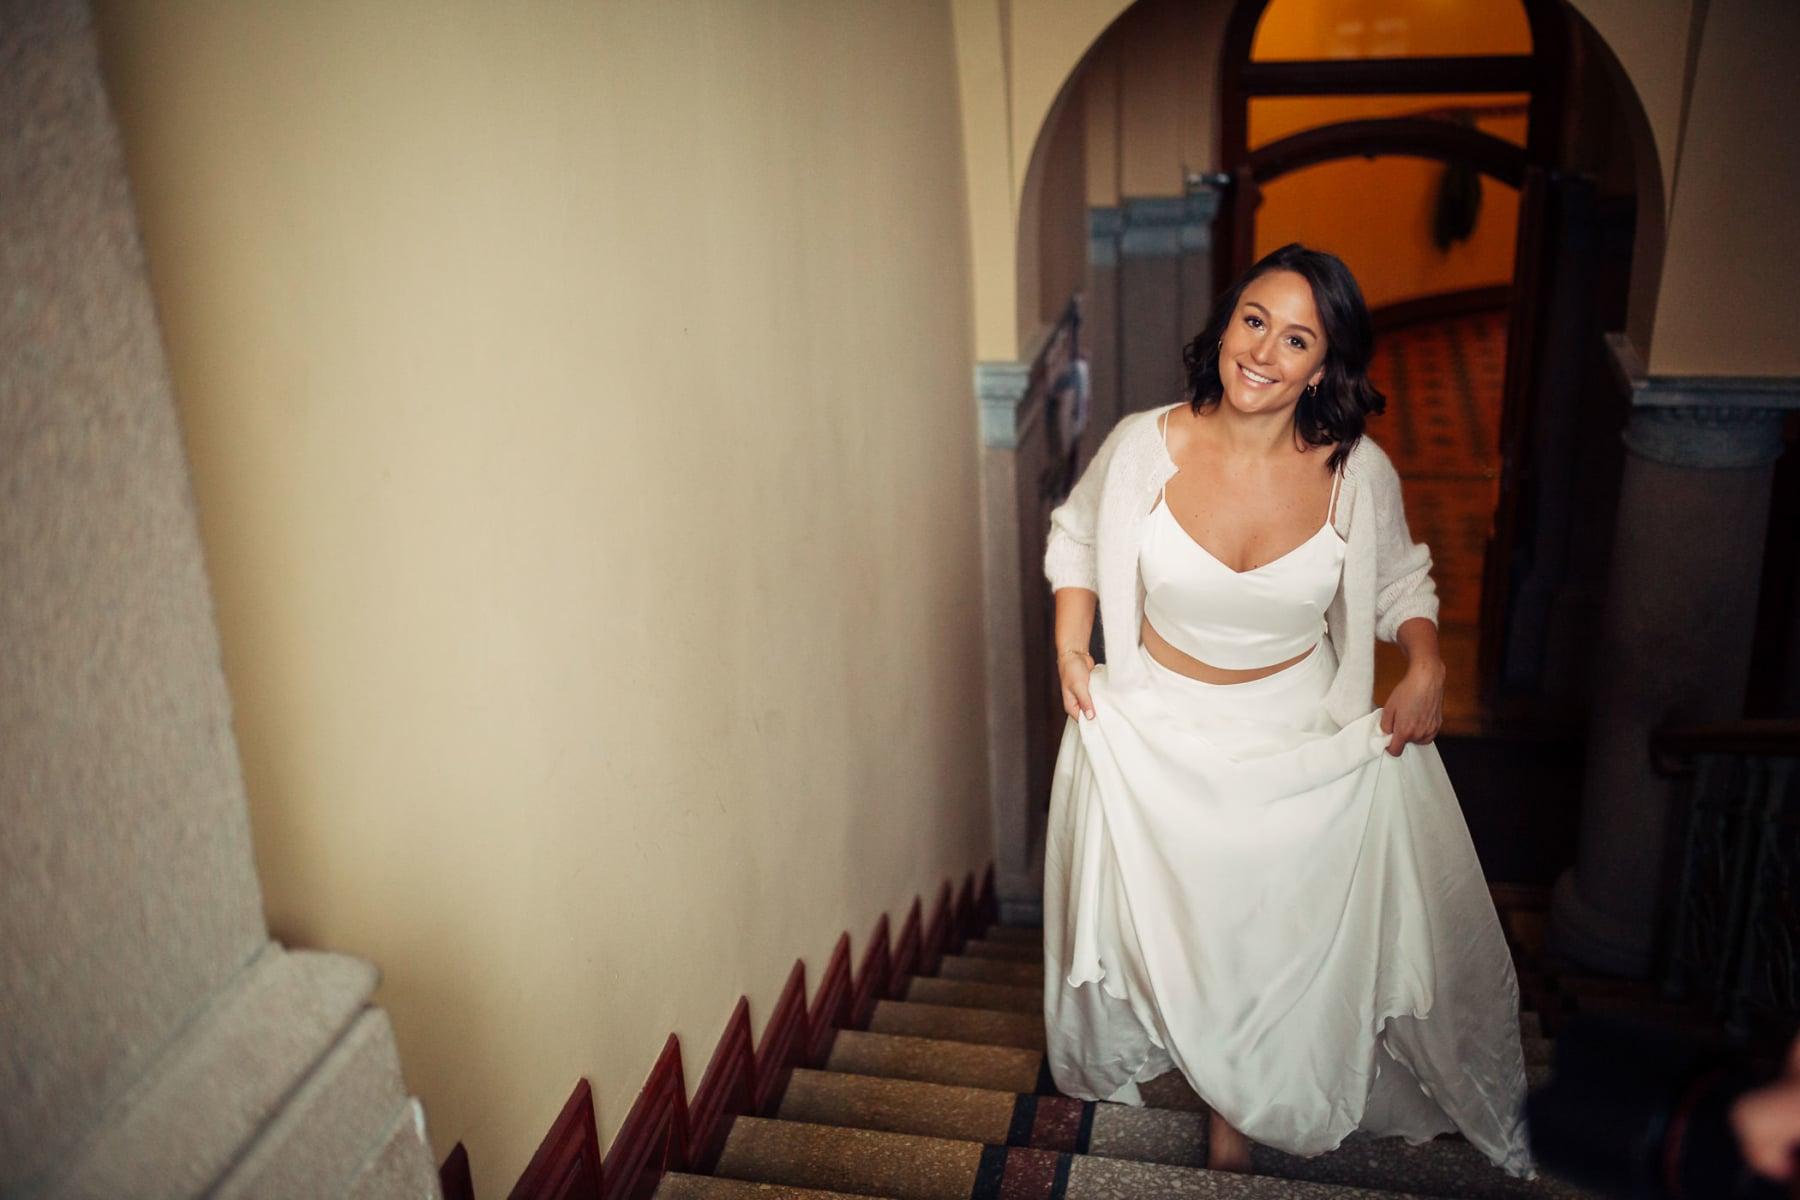 Caroline & Bendik - avslappet og morsomt bryllup i Ski Fotograf bryllup ski 4 Brudepar